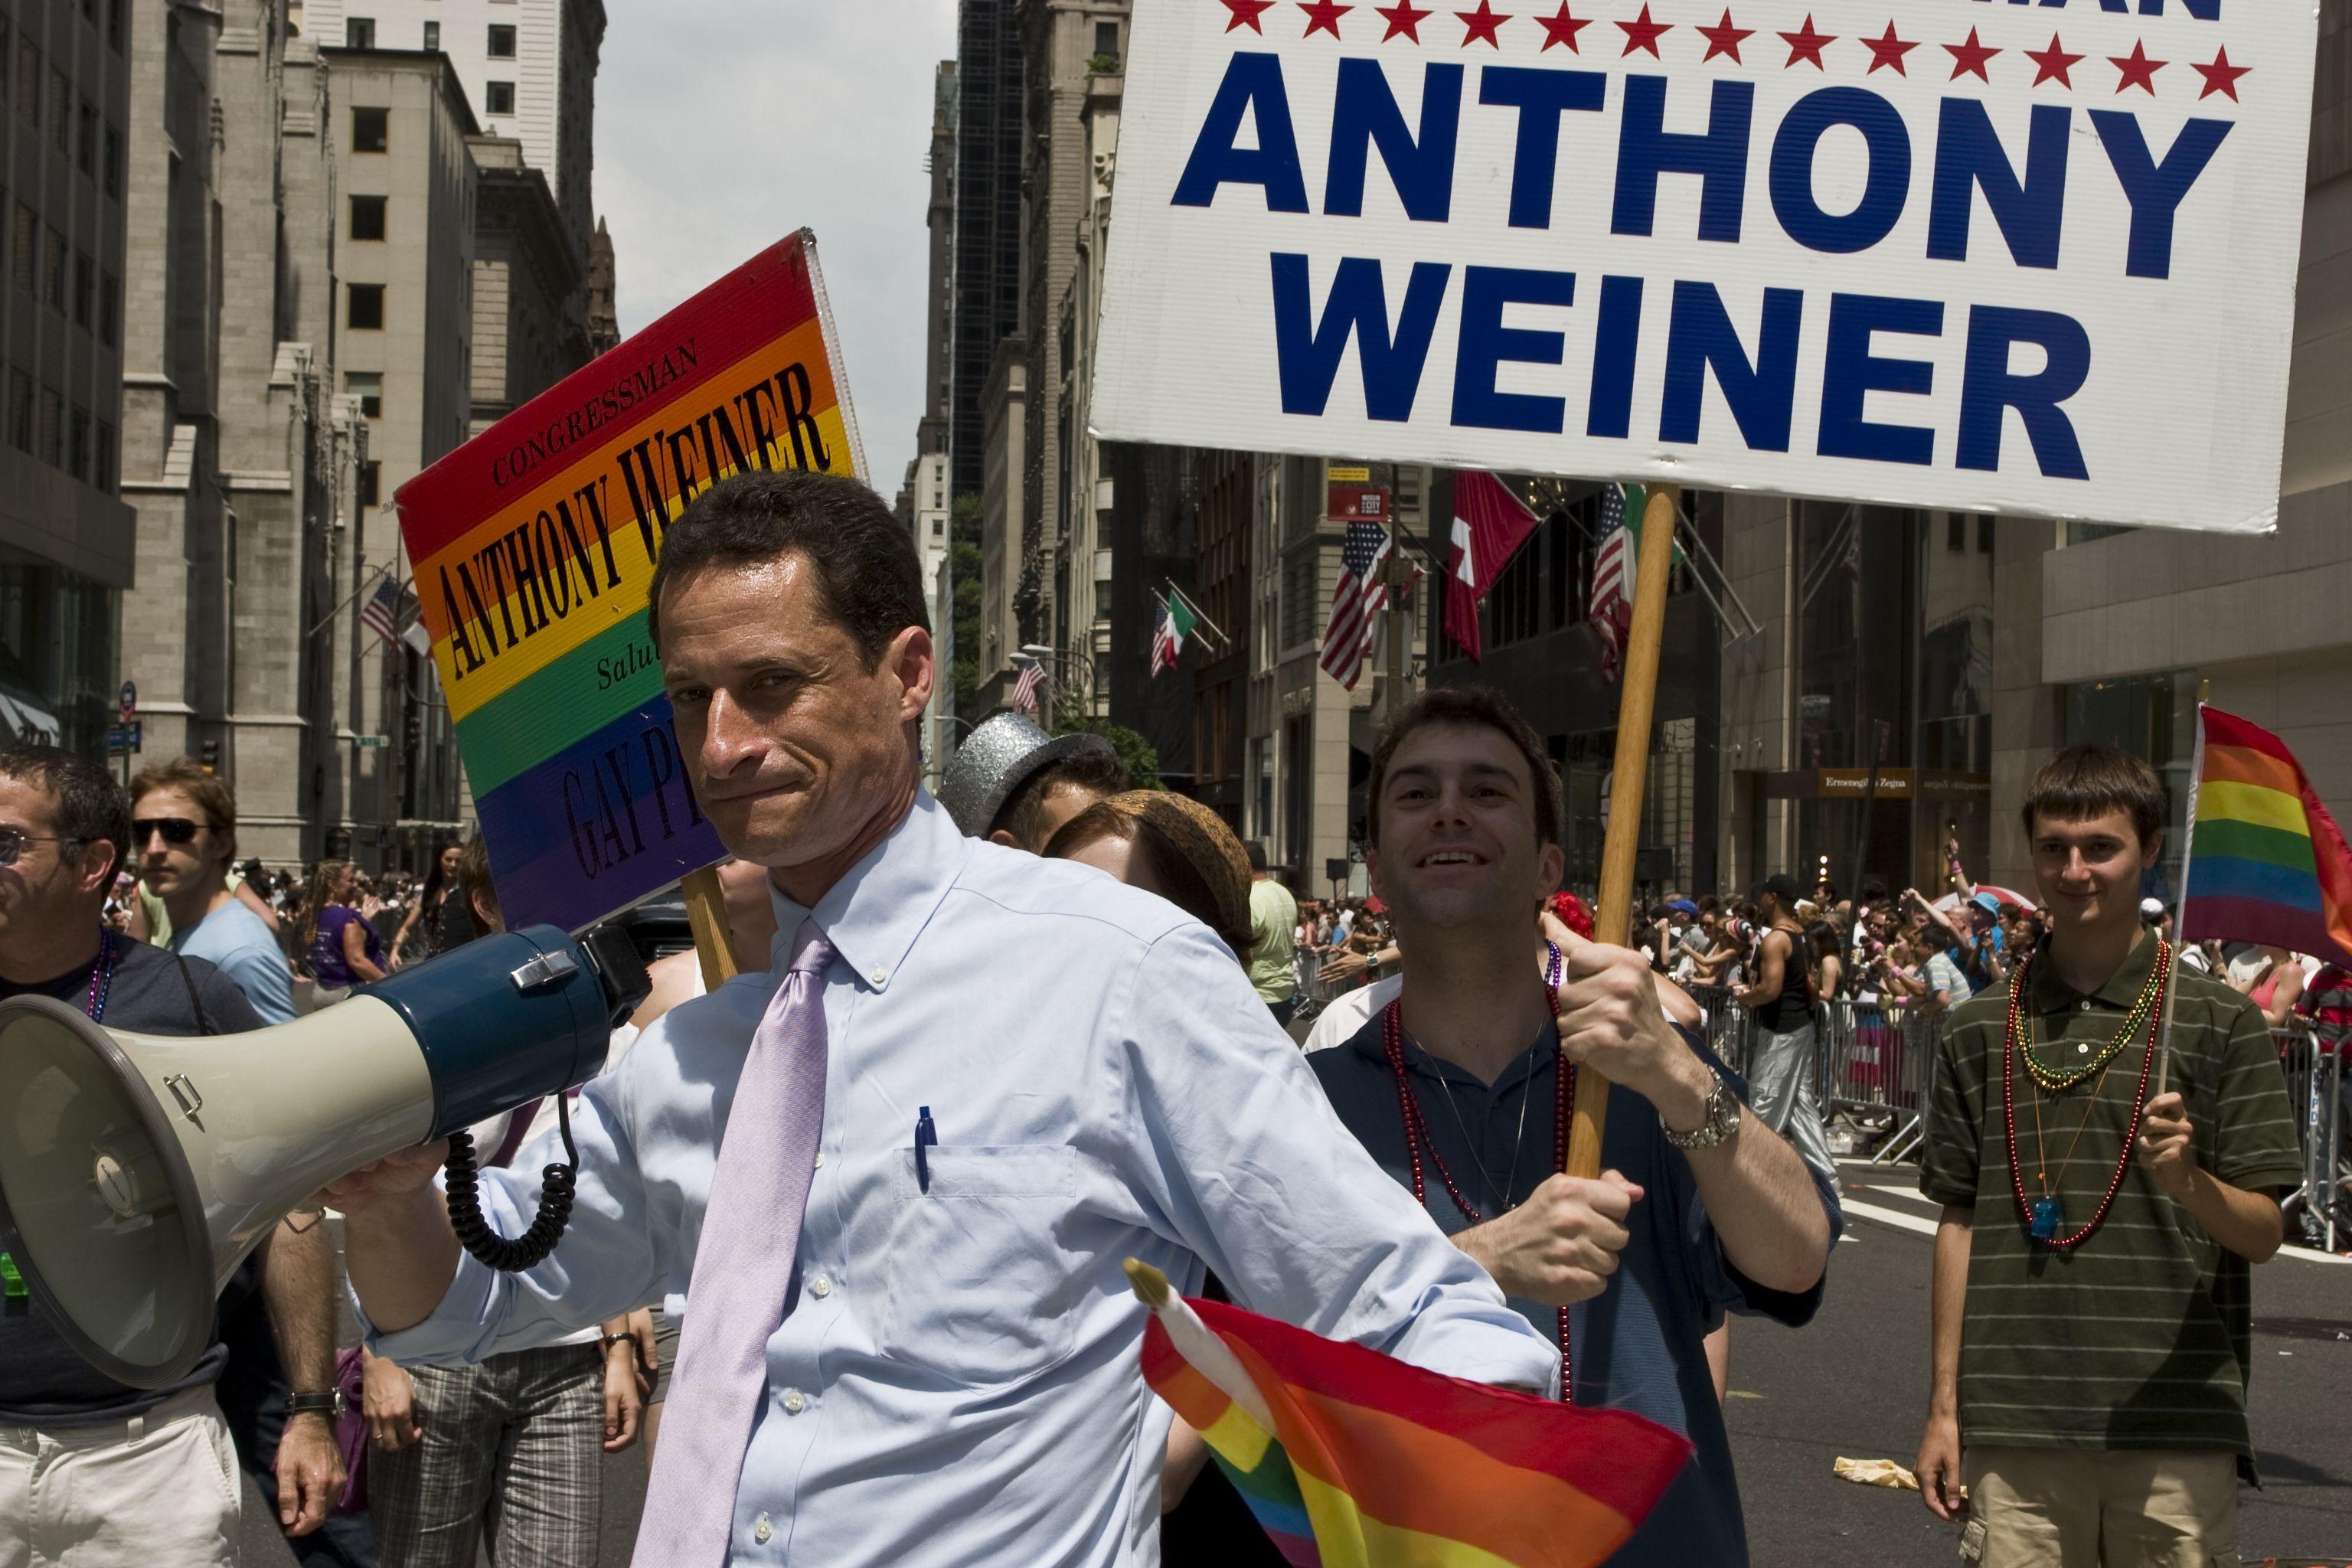 8. Anthony Weiner